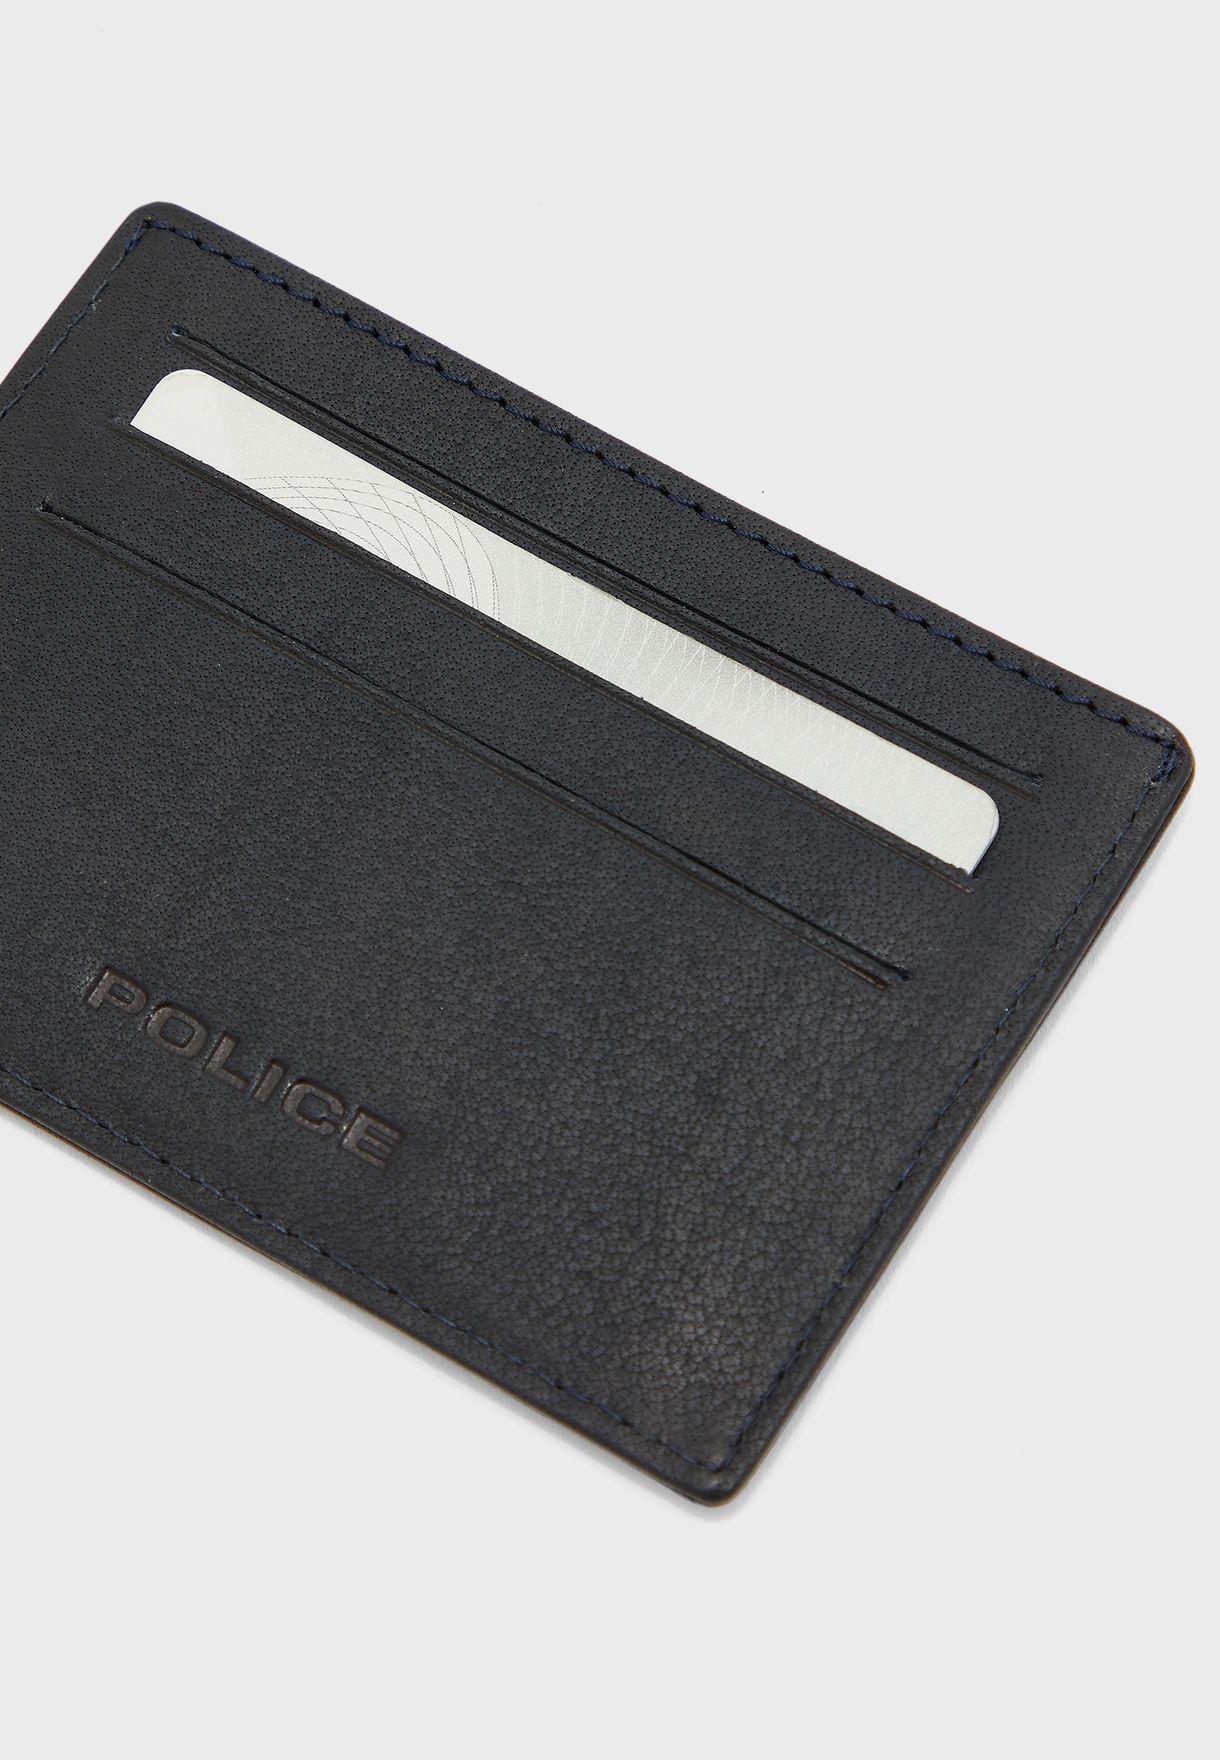 حافظة بطاقات بجيوب متعددة